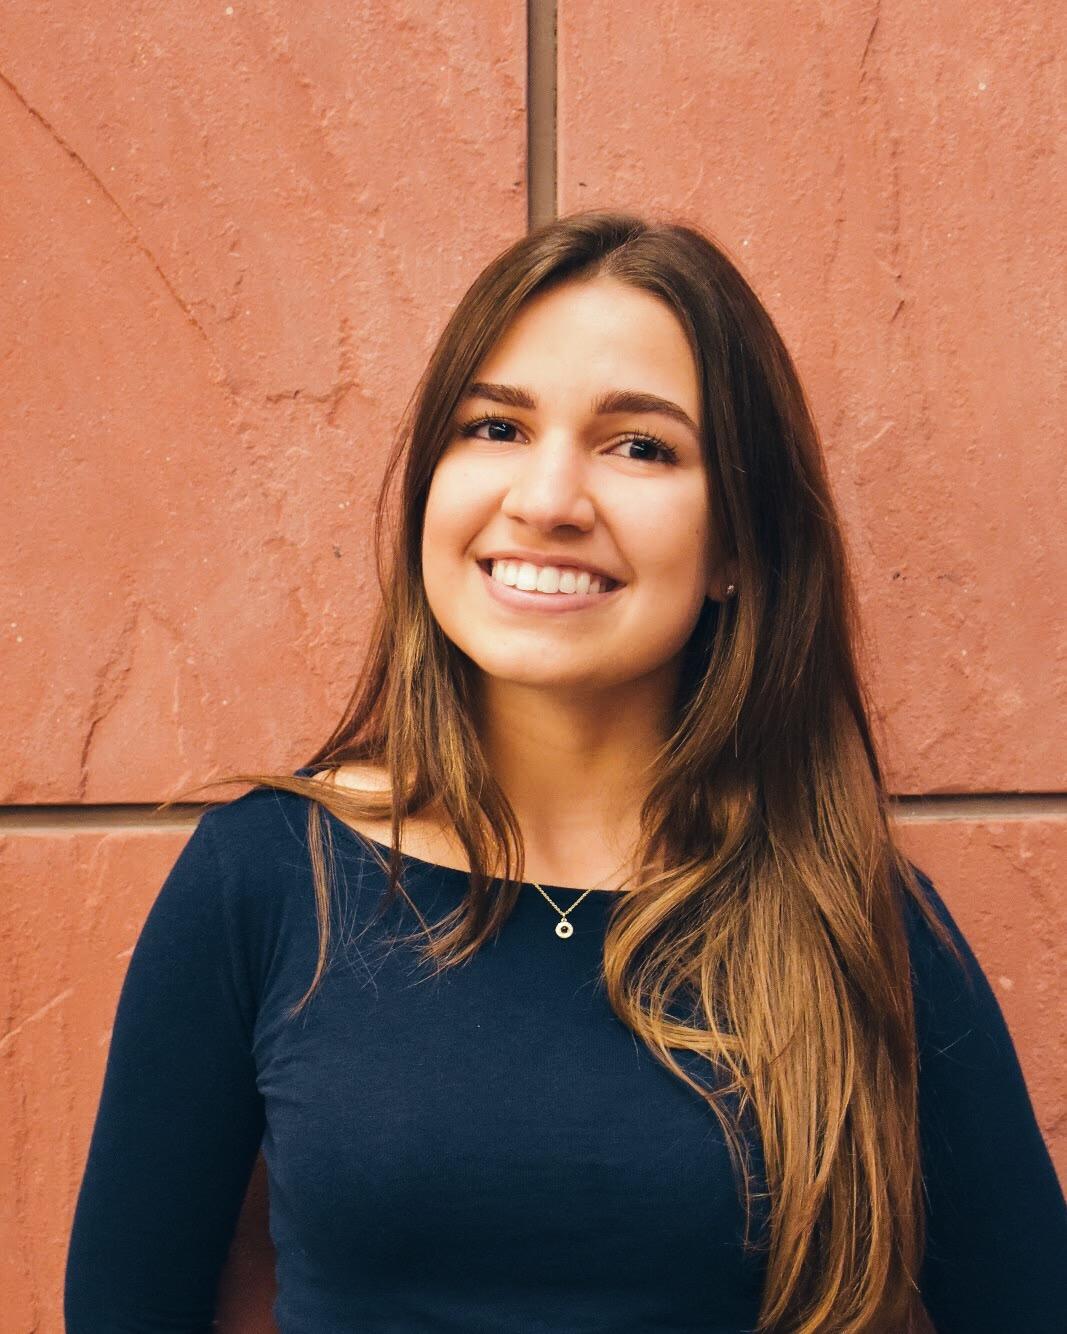 Claudia Haddad, Director of Web